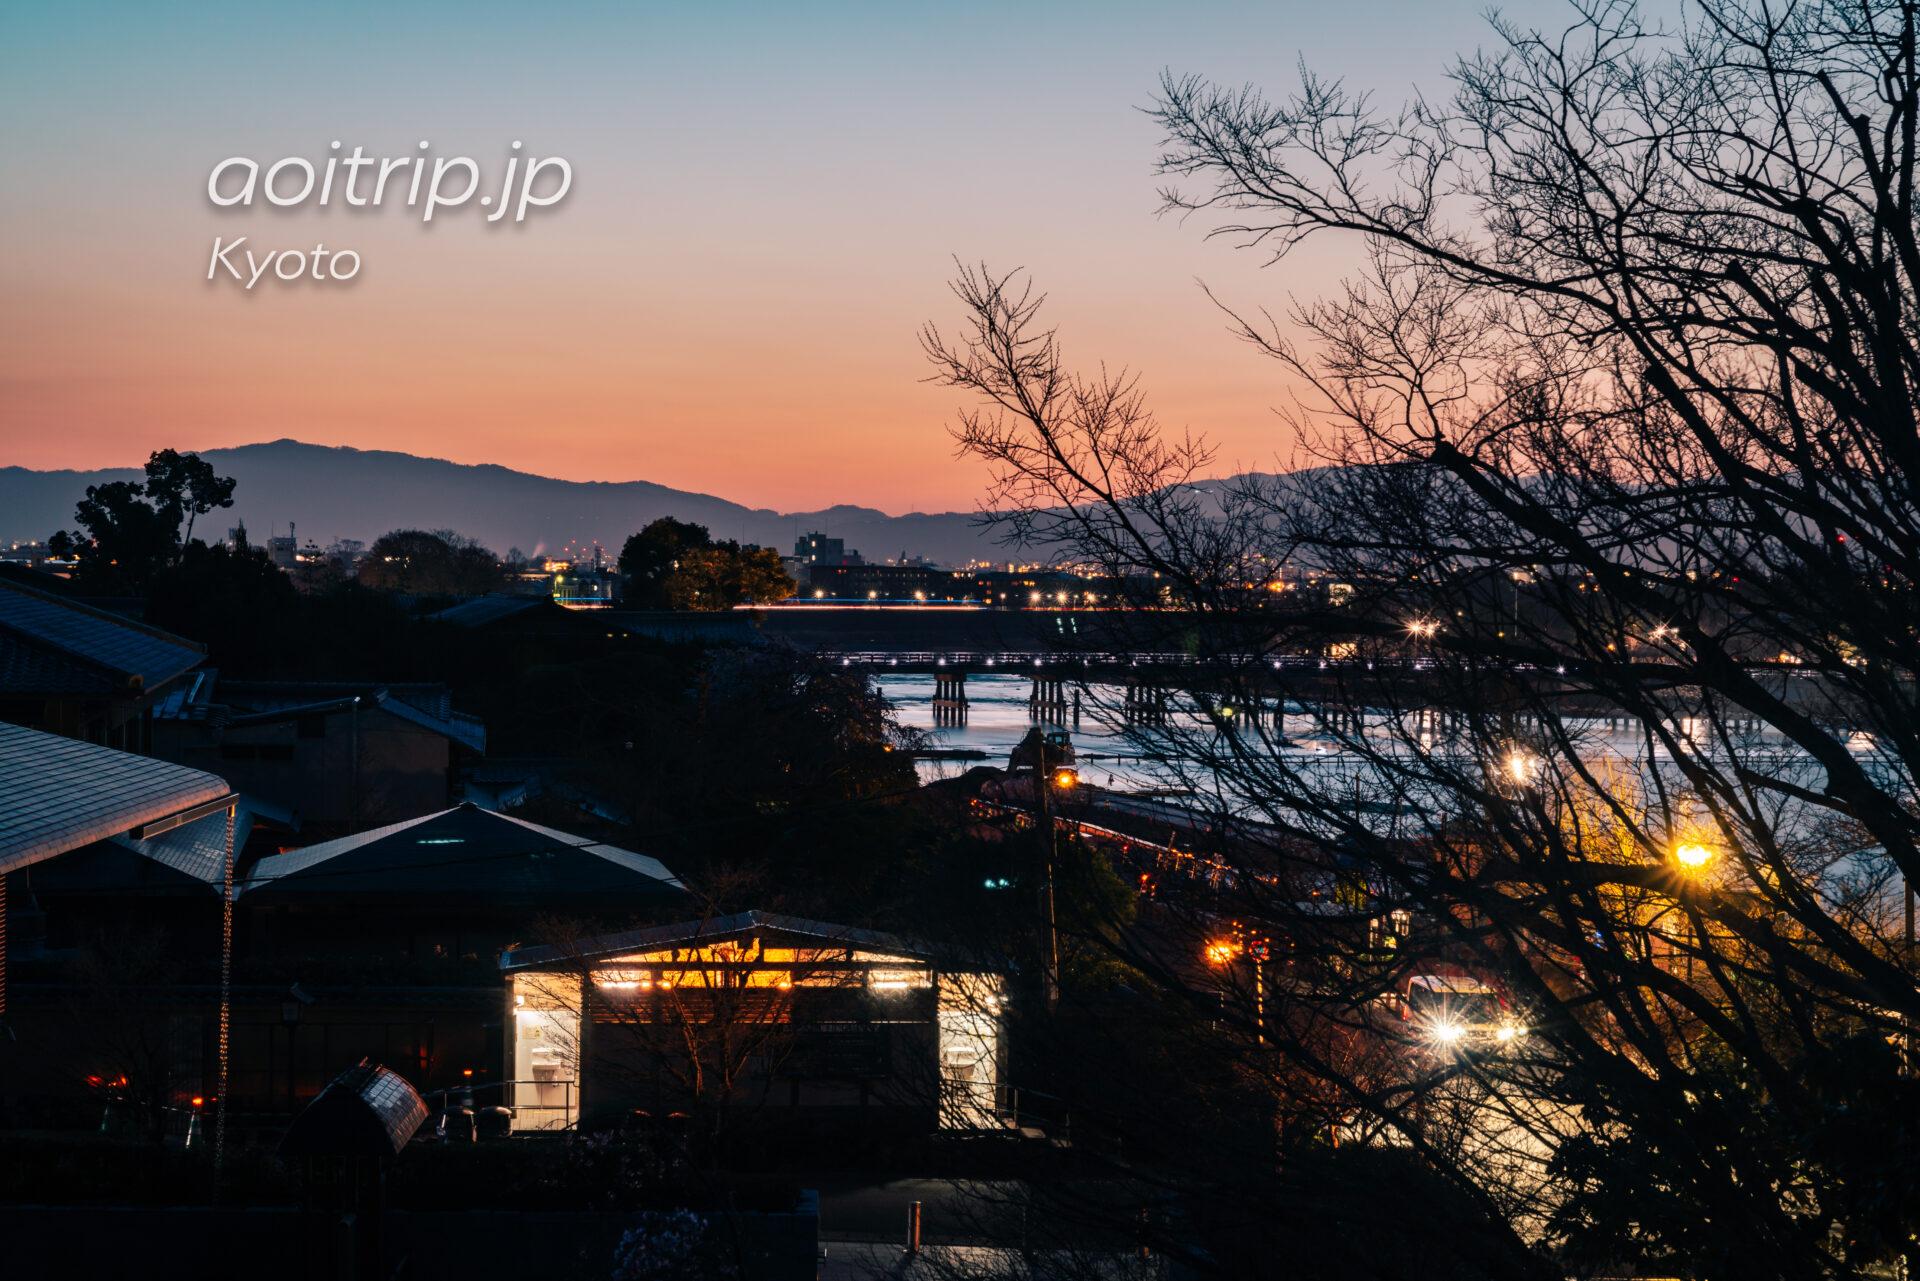 京都嵐山 夜明けの渡月橋